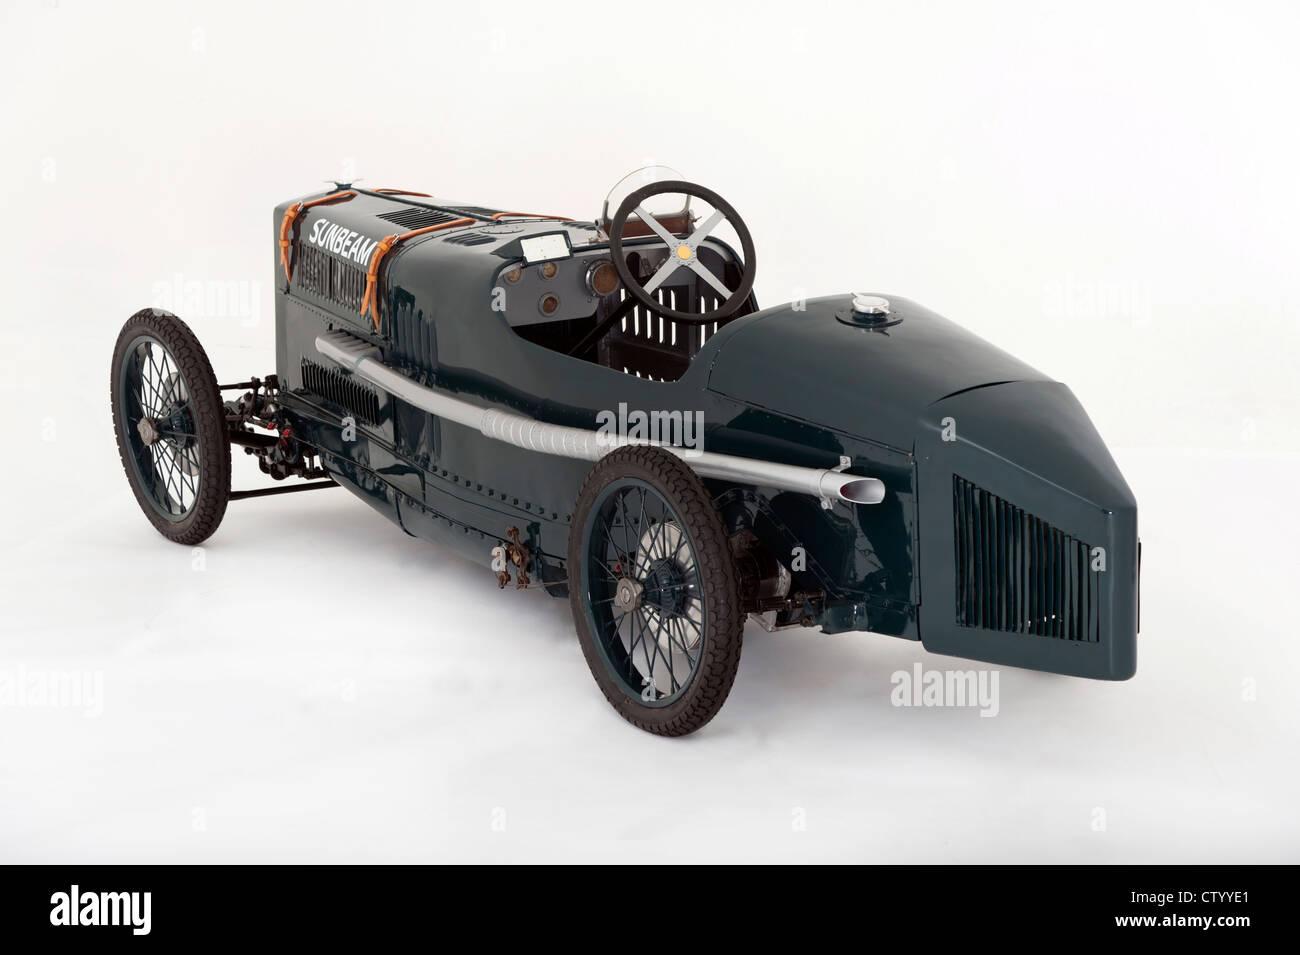 Sunbeam Cub motorised child's pedal car replica - Stock Image